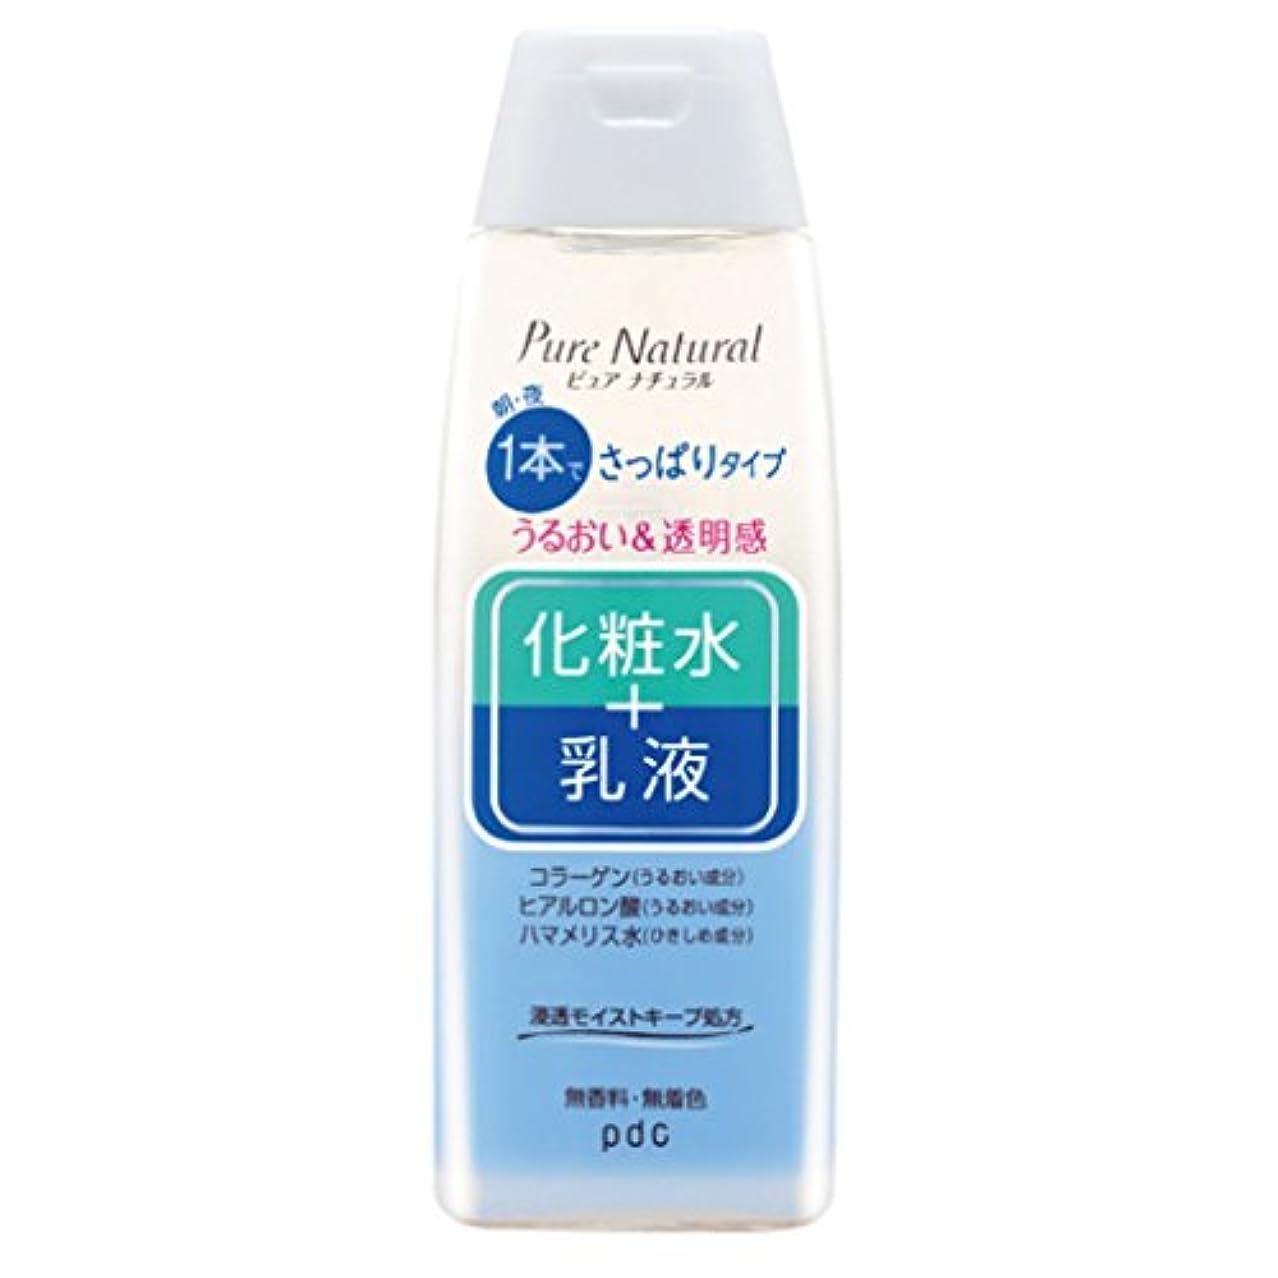 インスタンスオッズ情報Pure NATURAL(ピュアナチュラル) エッセンスローションライト 210ml